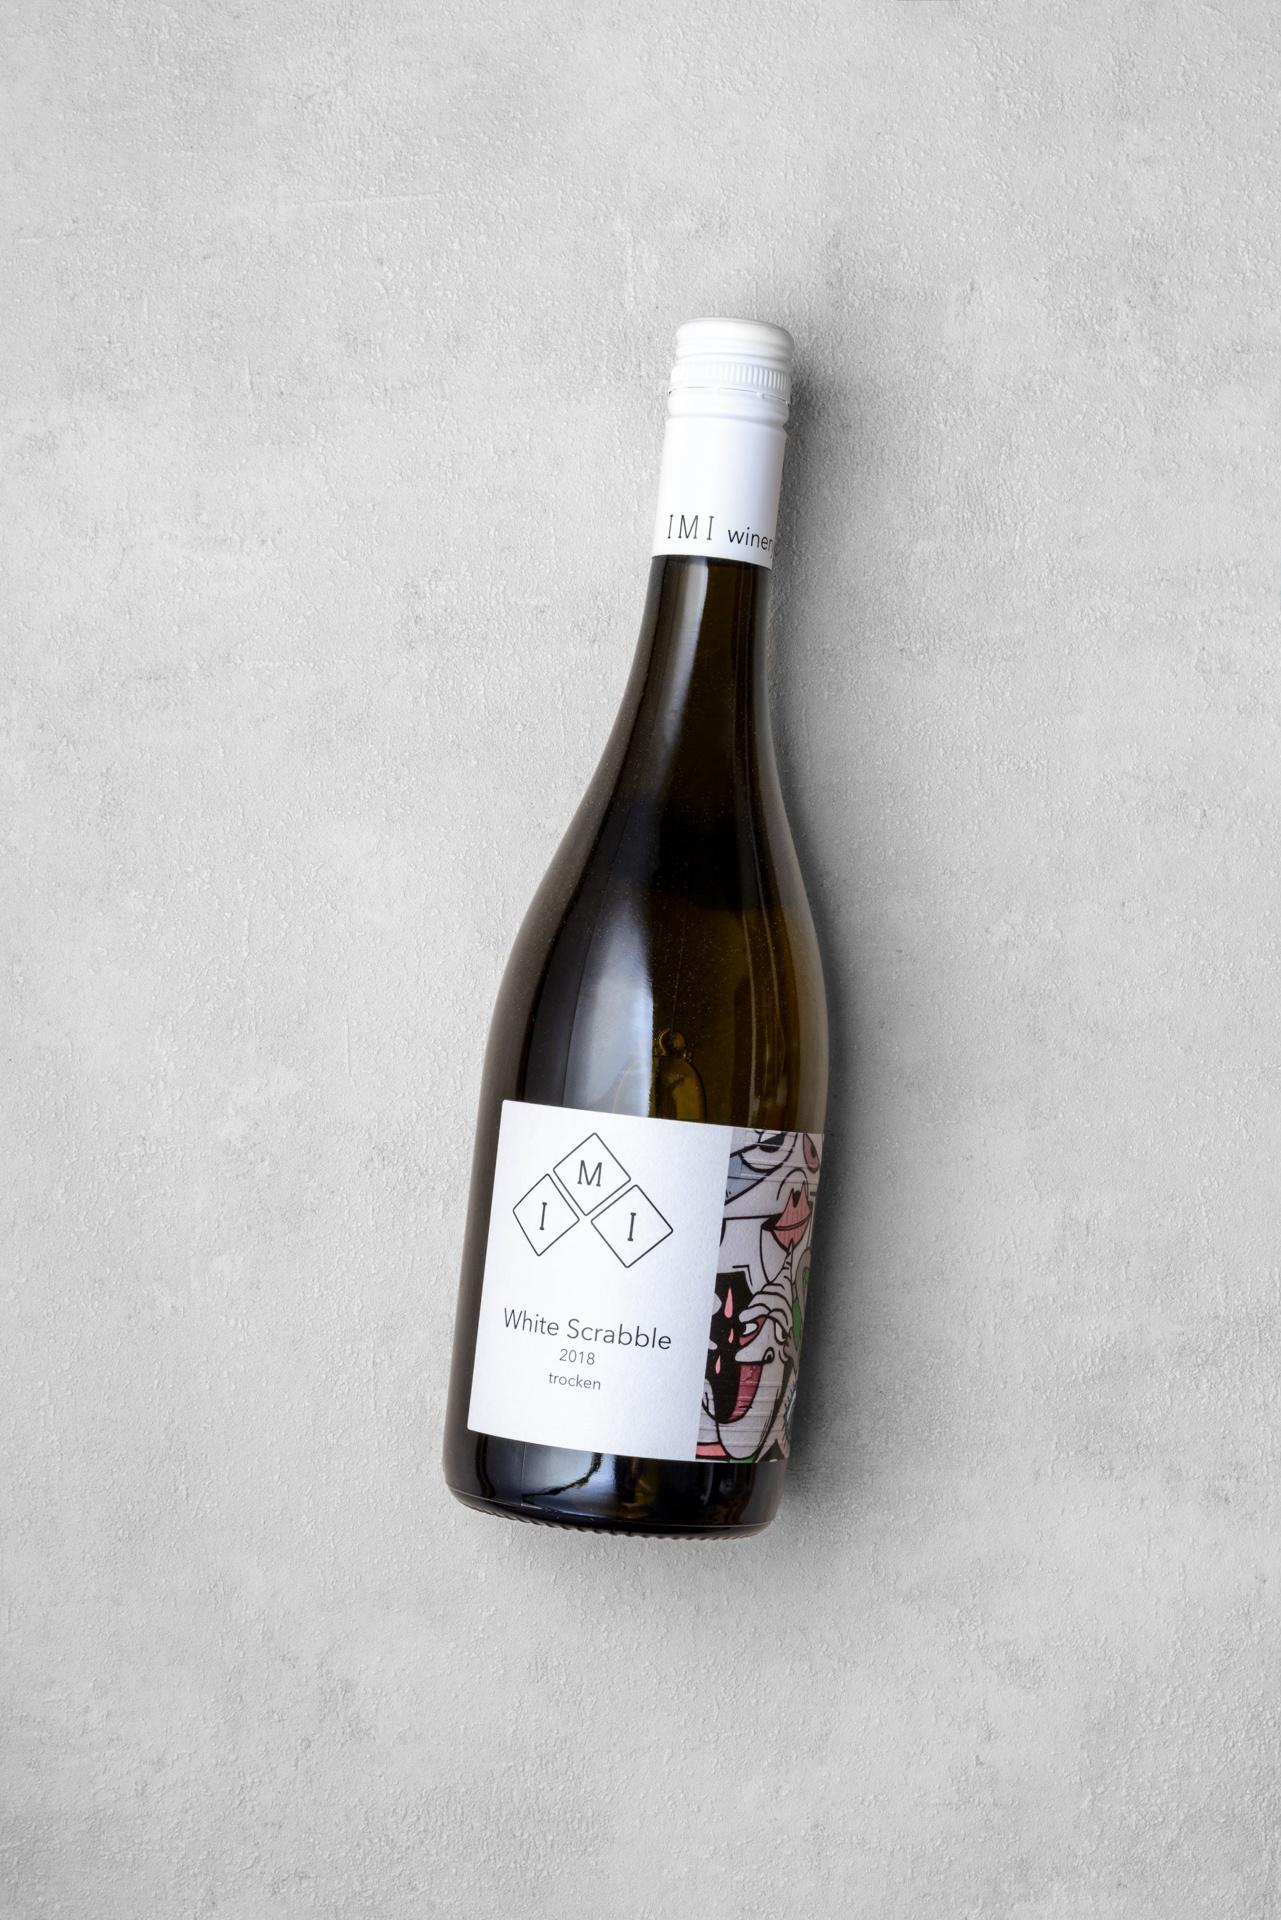 White Scrabble - ein trockener Weißwein mit Noten von Stein- und Zitrusfrüchten.